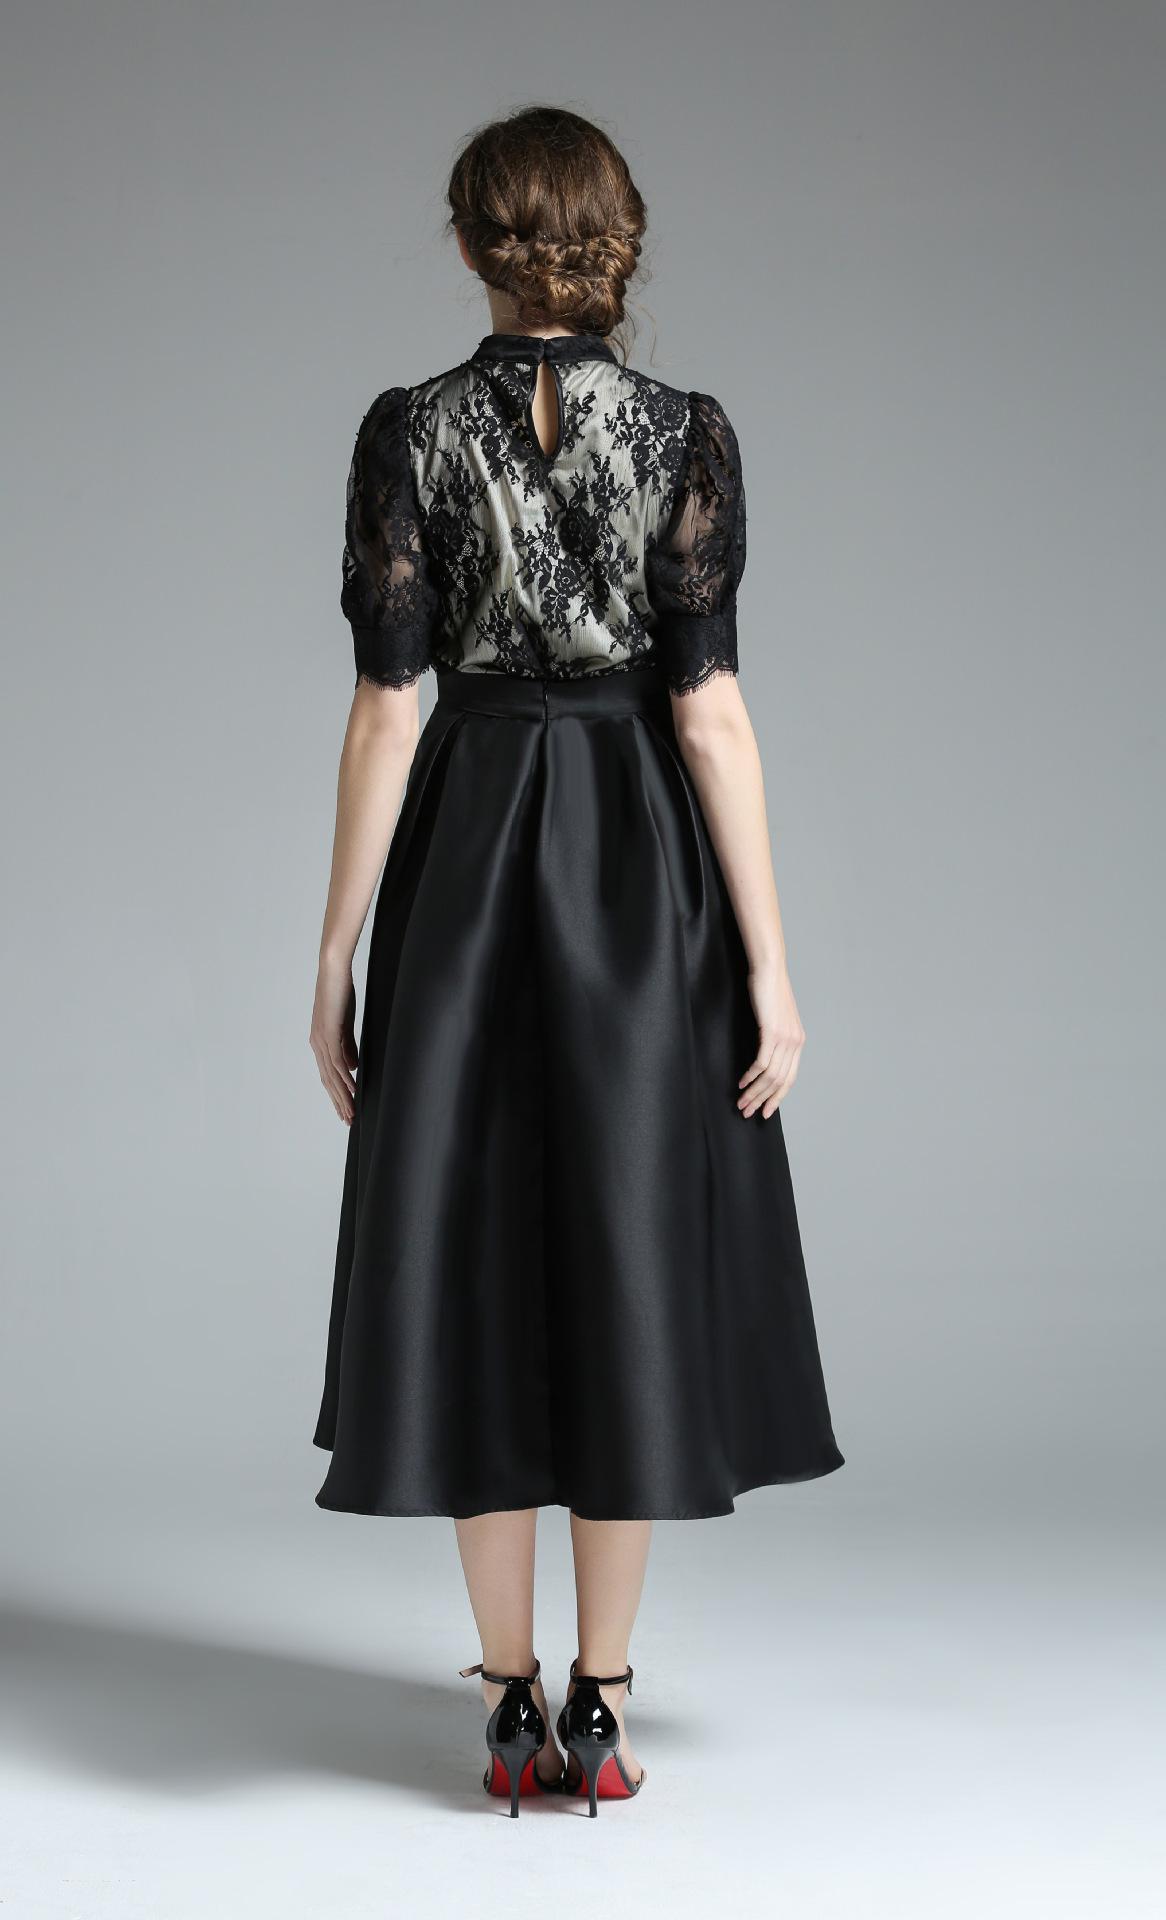 2014 2015 t台 连衣裙 裙 时装秀 时装周 秀场 走秀 1166_1920 竖版